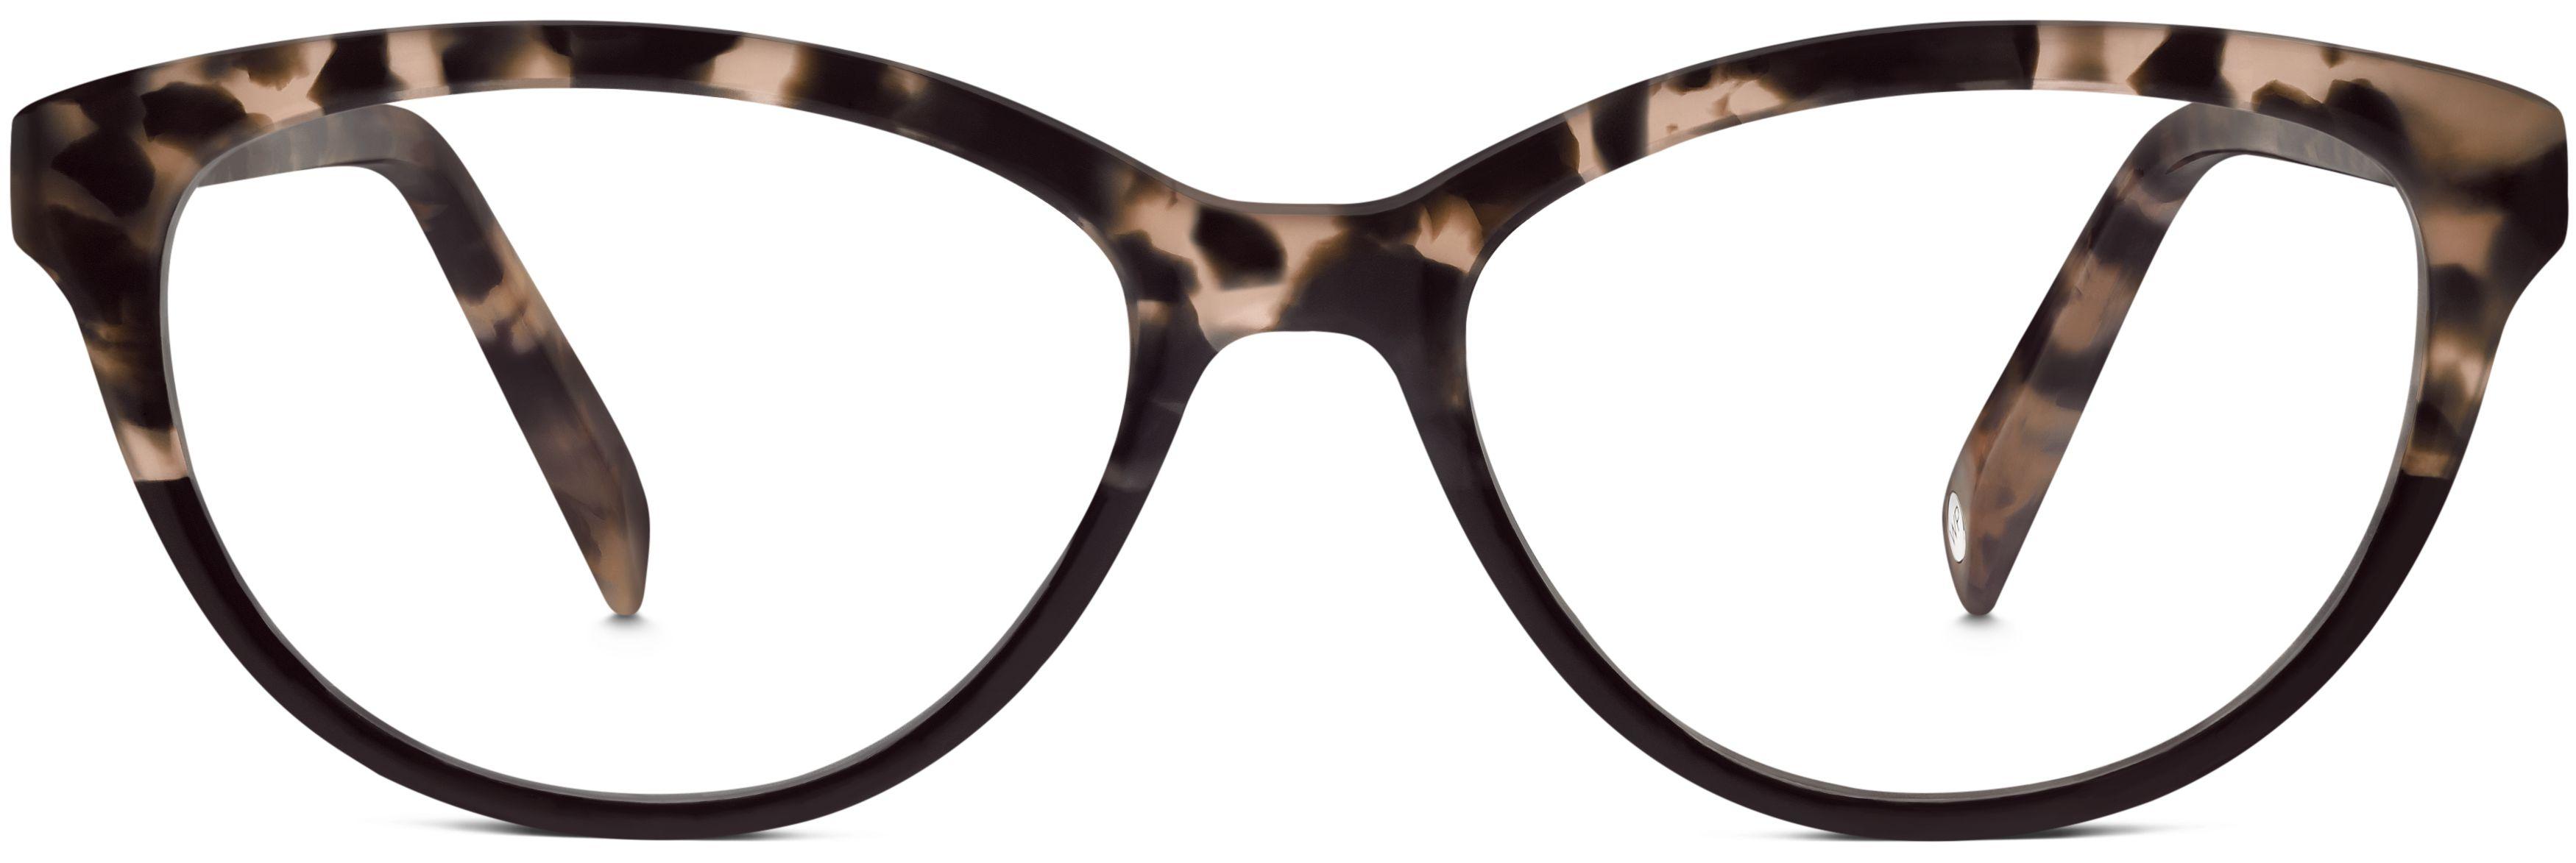 d47fc5d069 Millie Eyeglasses in Birch Tortoise for Women